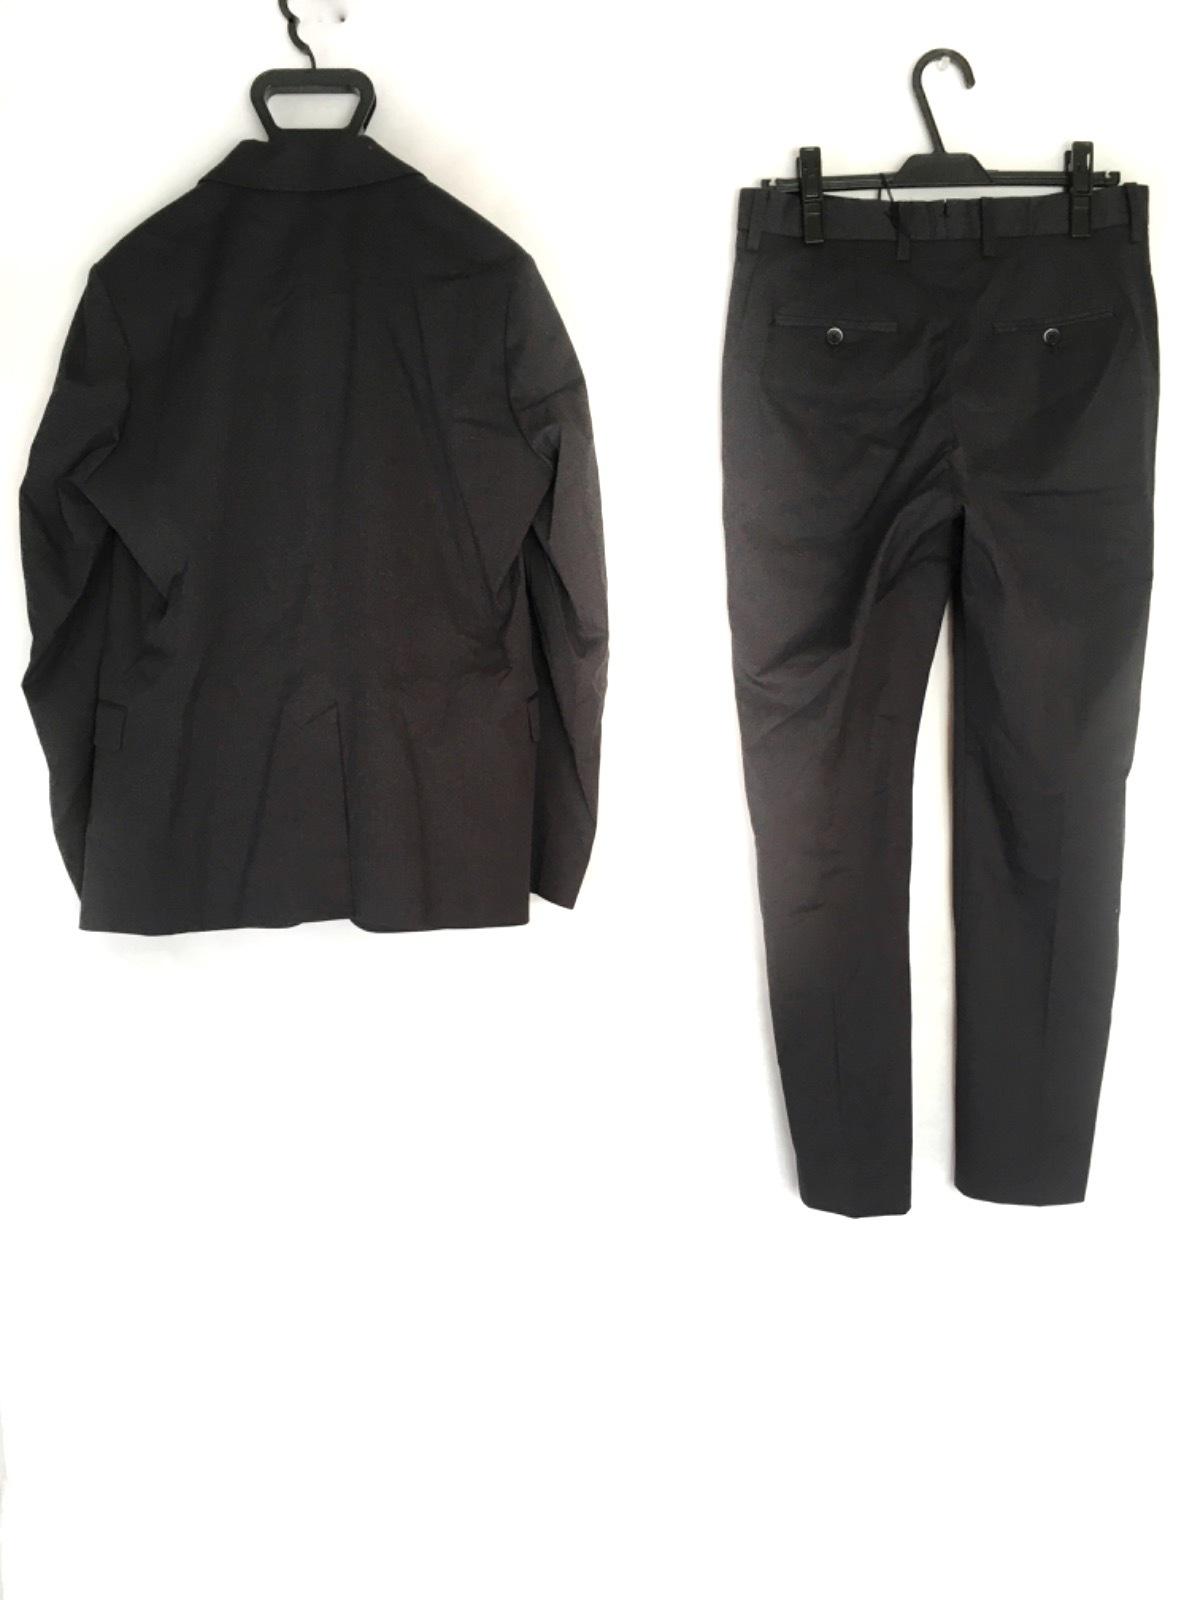 SOLIDO(ソリード)のレディースパンツスーツ